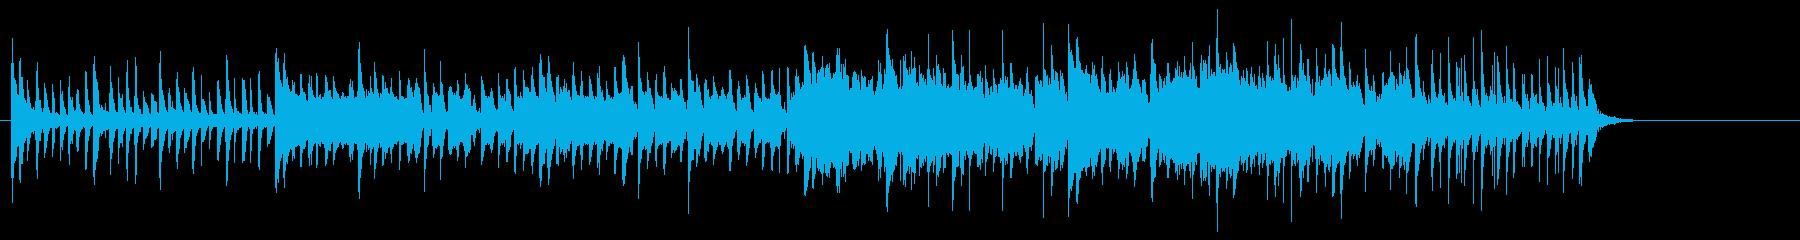 沖縄風のワールドミュージックの再生済みの波形